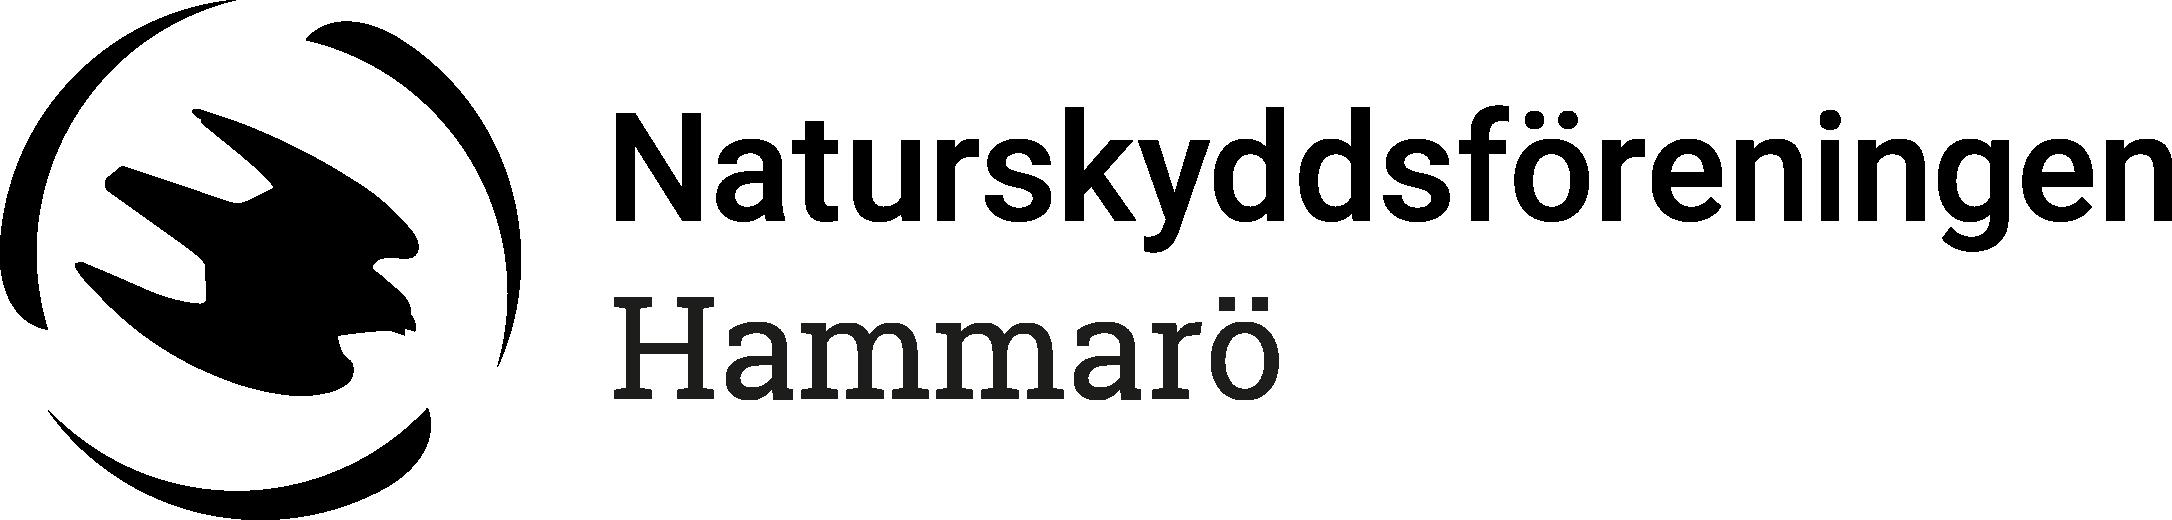 Följ oss på Naturskyddsföreningen Hammarö